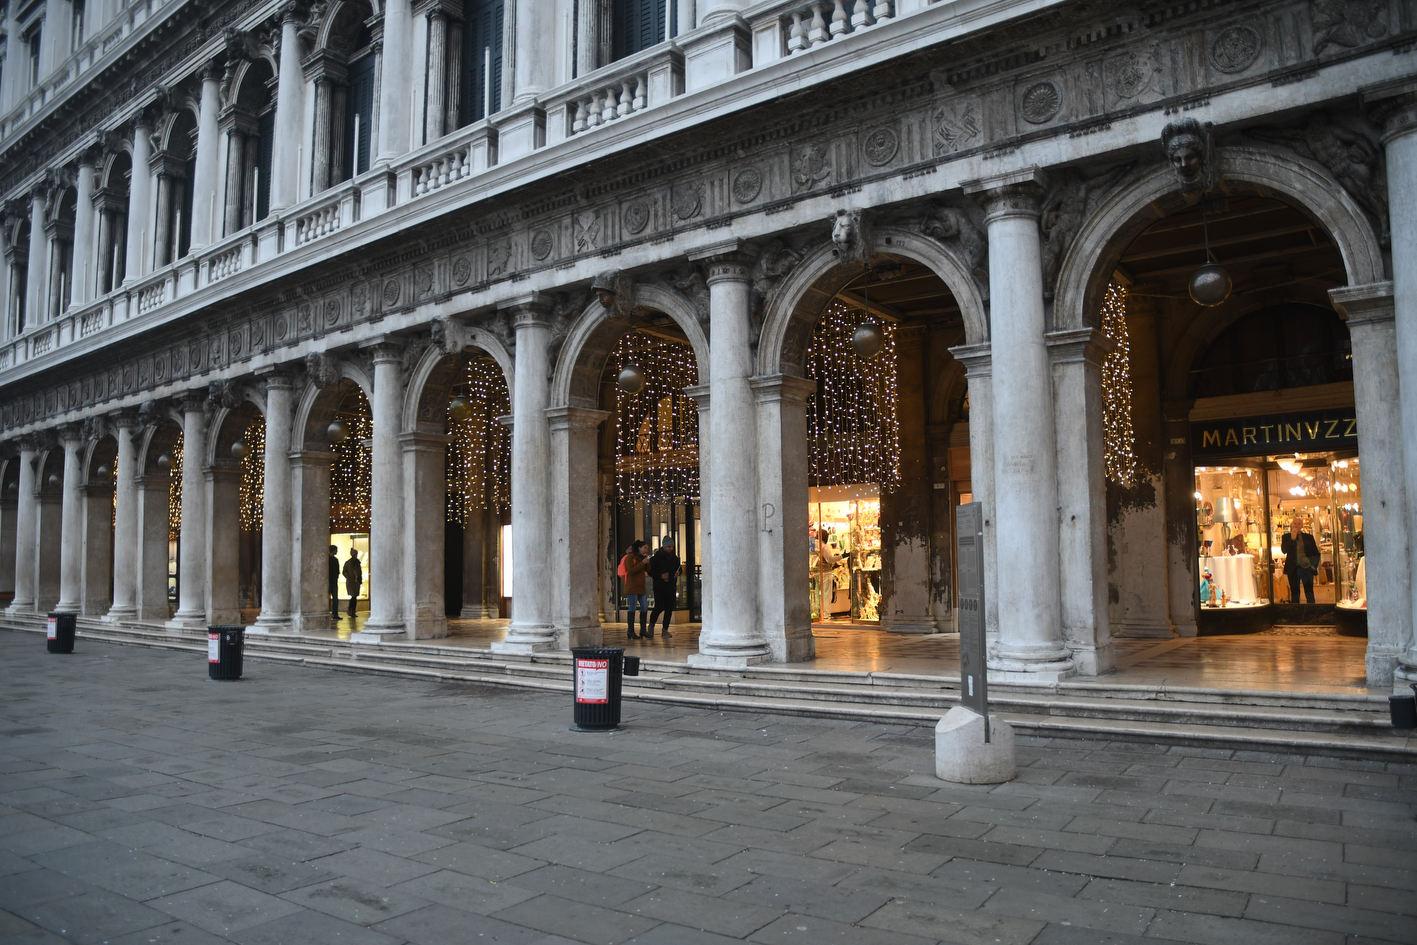 Venezia dal caff florian alla gioielleria nardi negozi for Negozi arredamento venezia